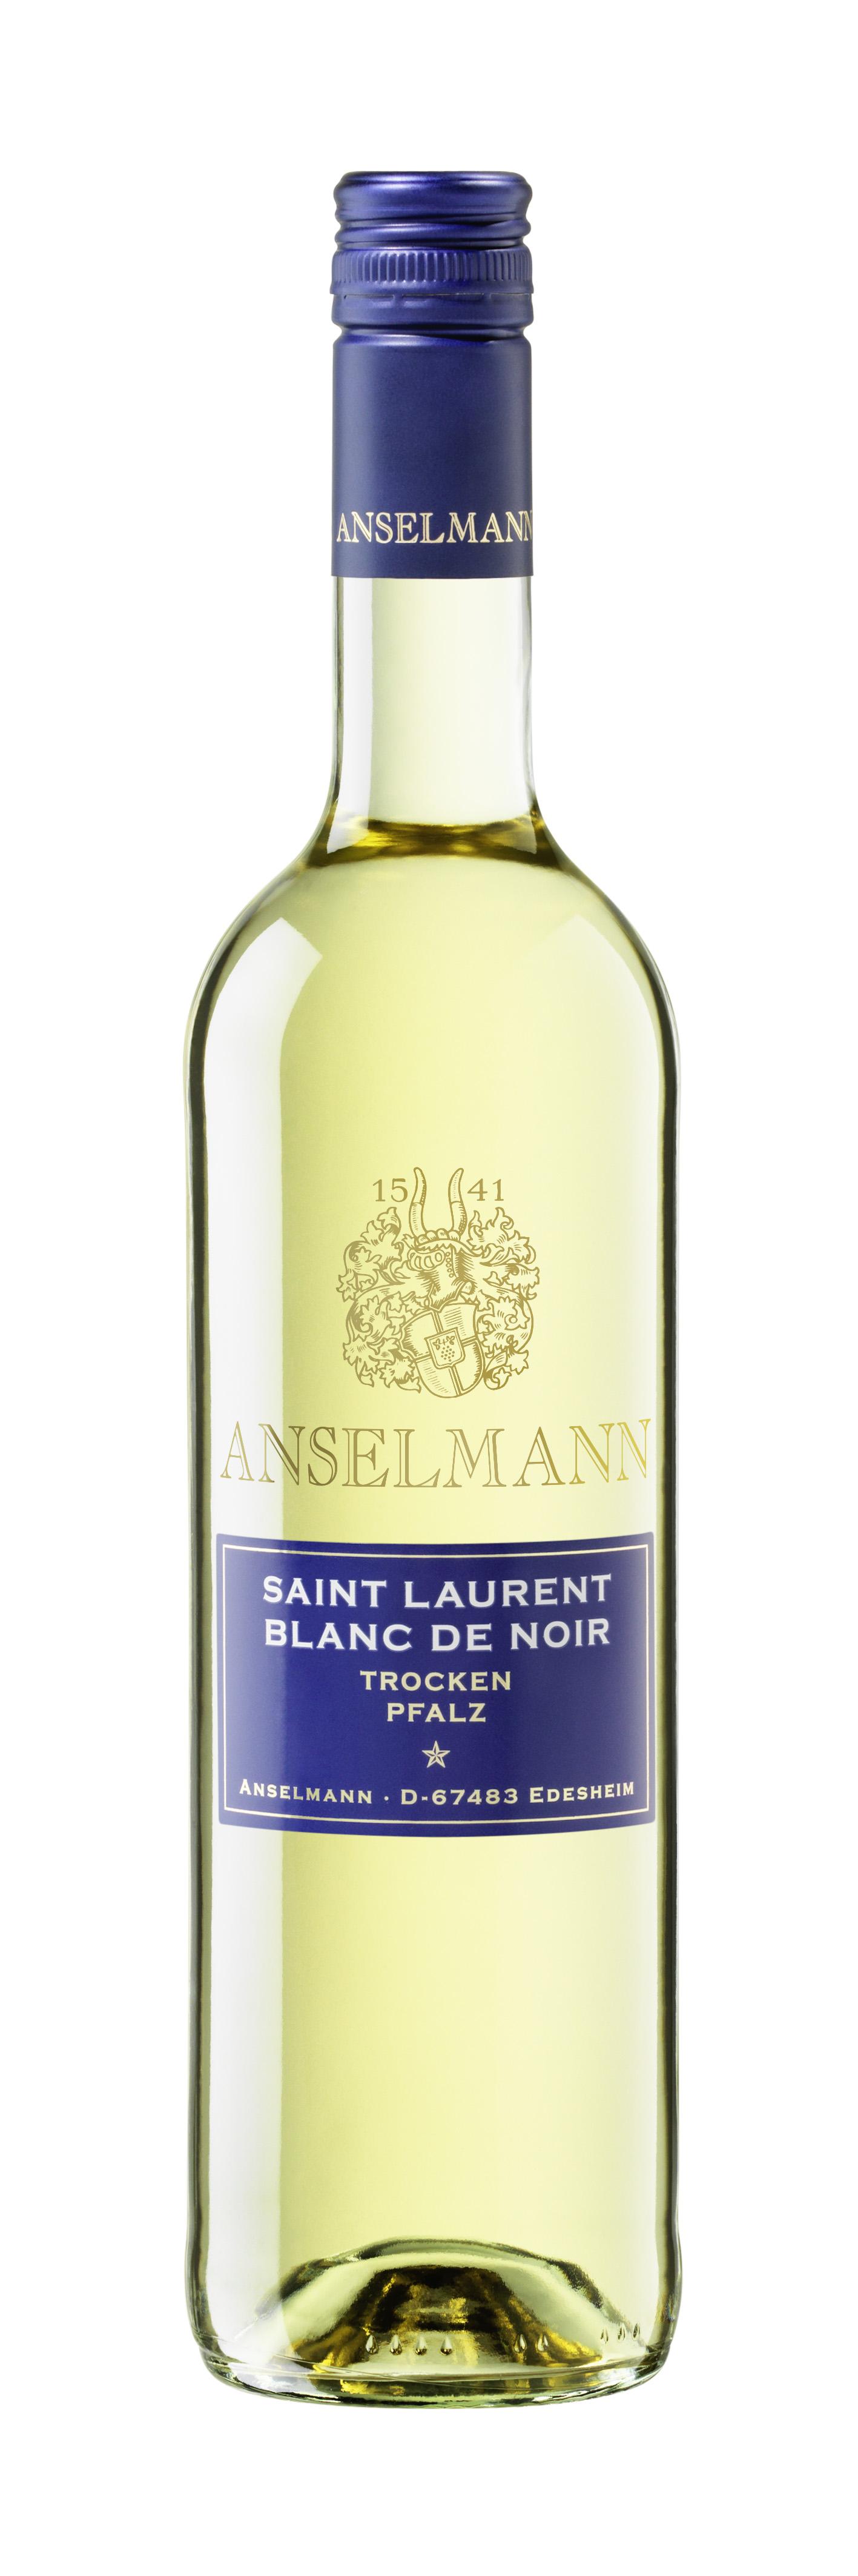 St. Laurent Blanc de noir trocken